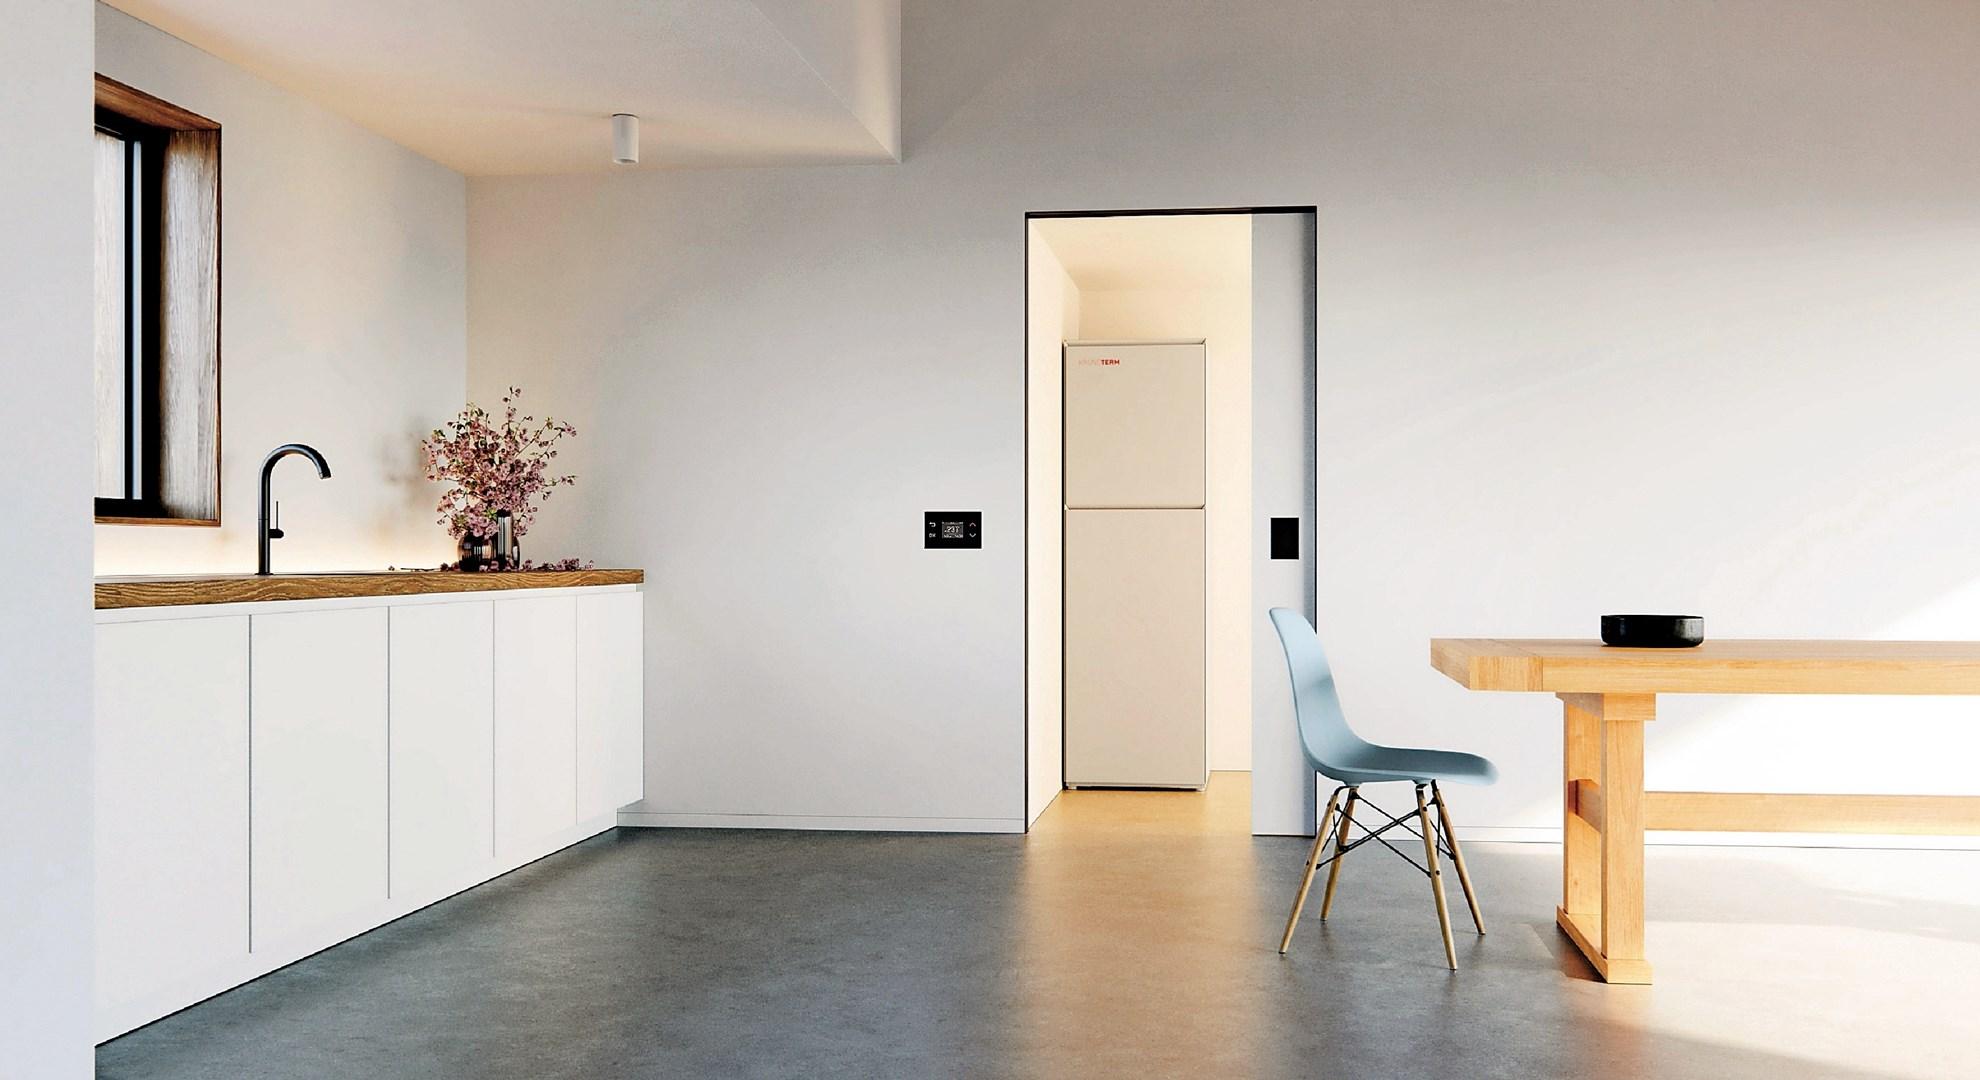 Toplotne črpalke: monoblok je rešitev za manjše stanovanjske enote